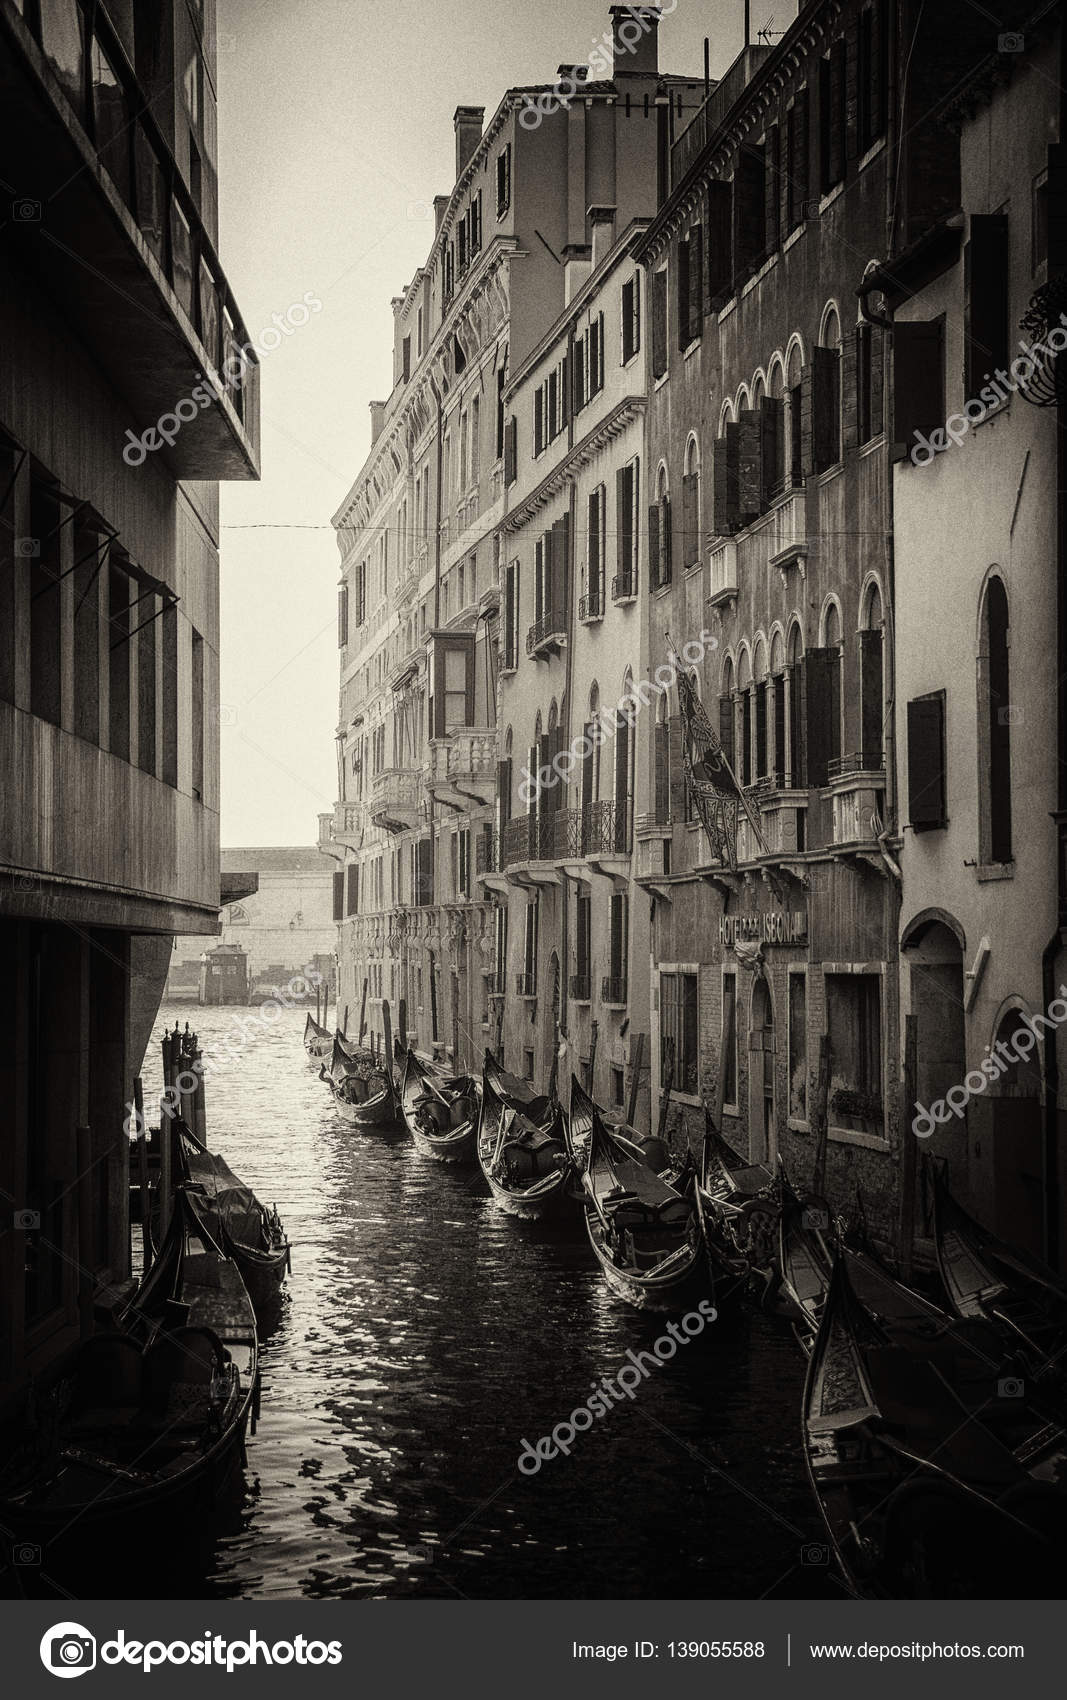 Top Mooie zwart-wit foto van gondels in de buurt van de gebouwen in de &QK11